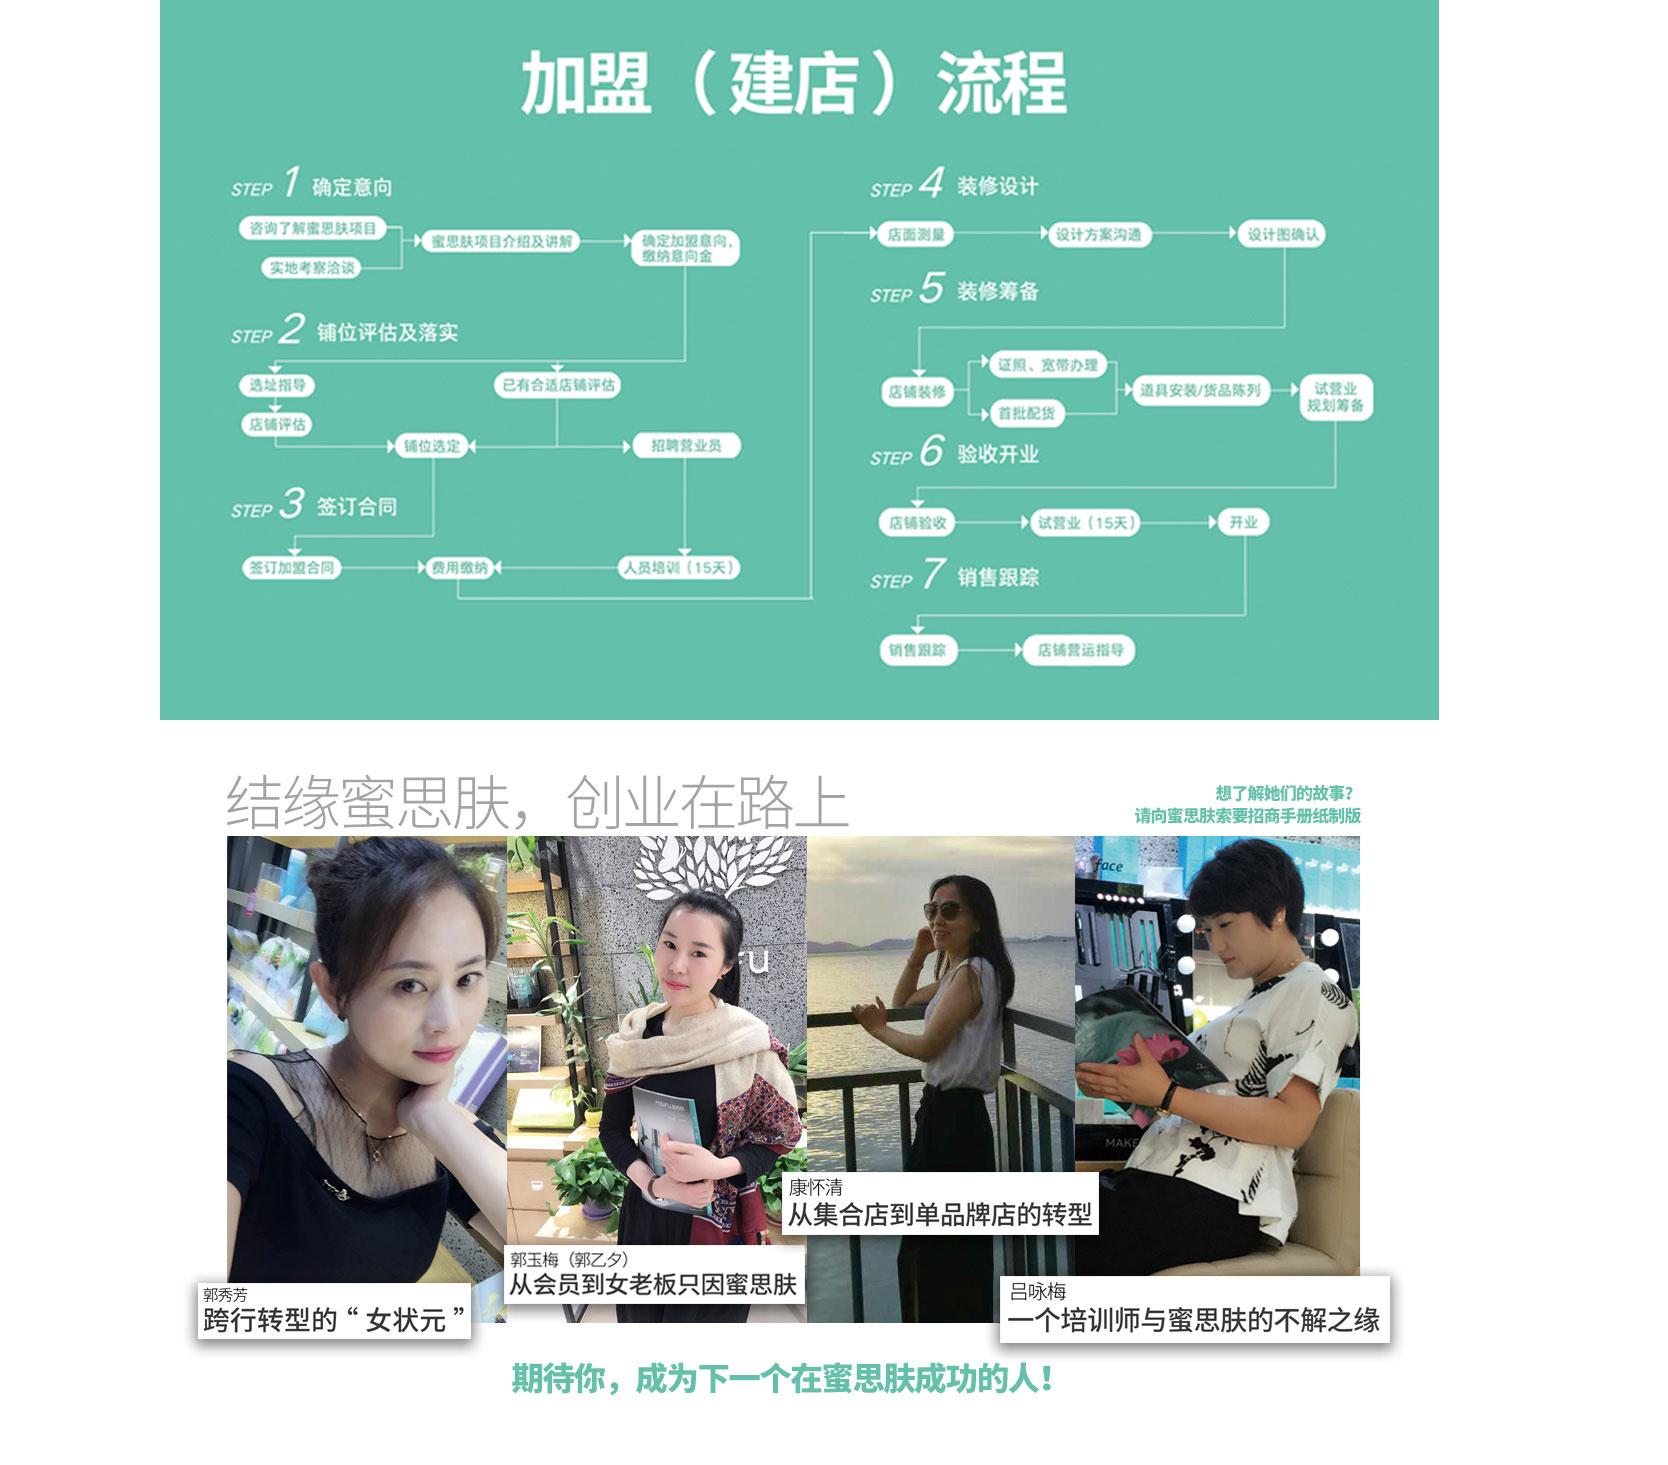 加盟蜜思肤化妆品直营店7大流程/><img src=